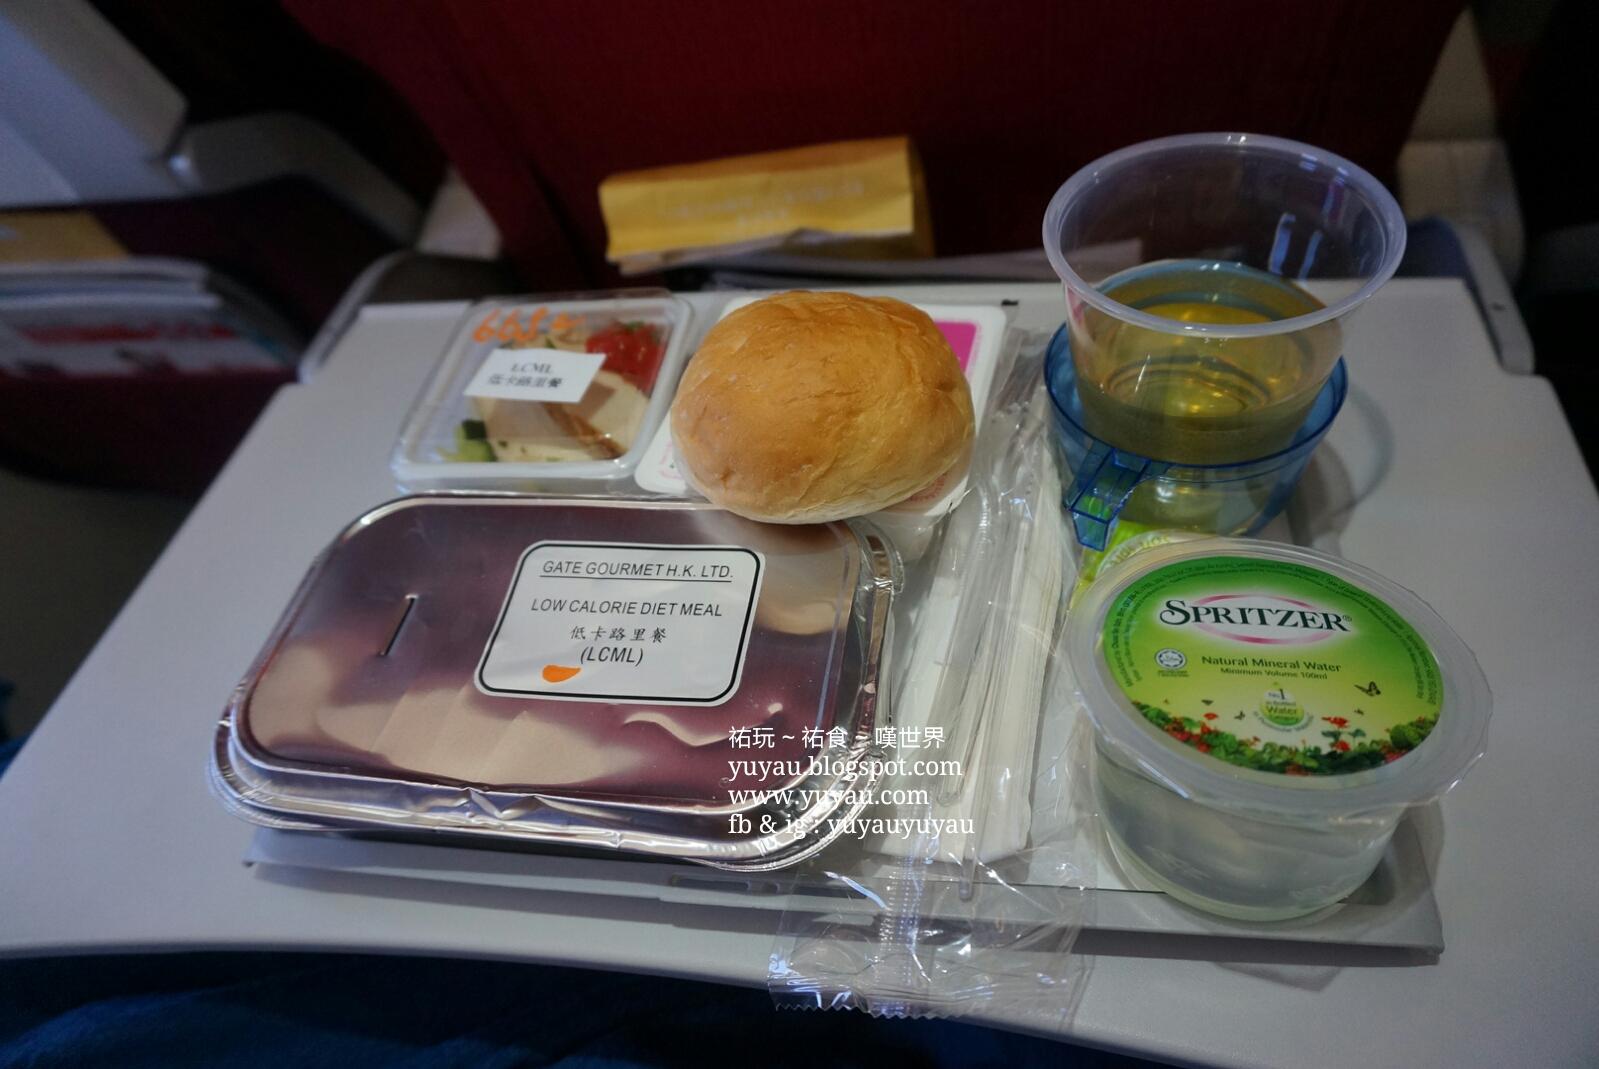 祐玩~祐食~歎世界: 飛行體驗 [飛機餐] - 香港航空 低卡路里特別餐 Low Calorie Diet Meal